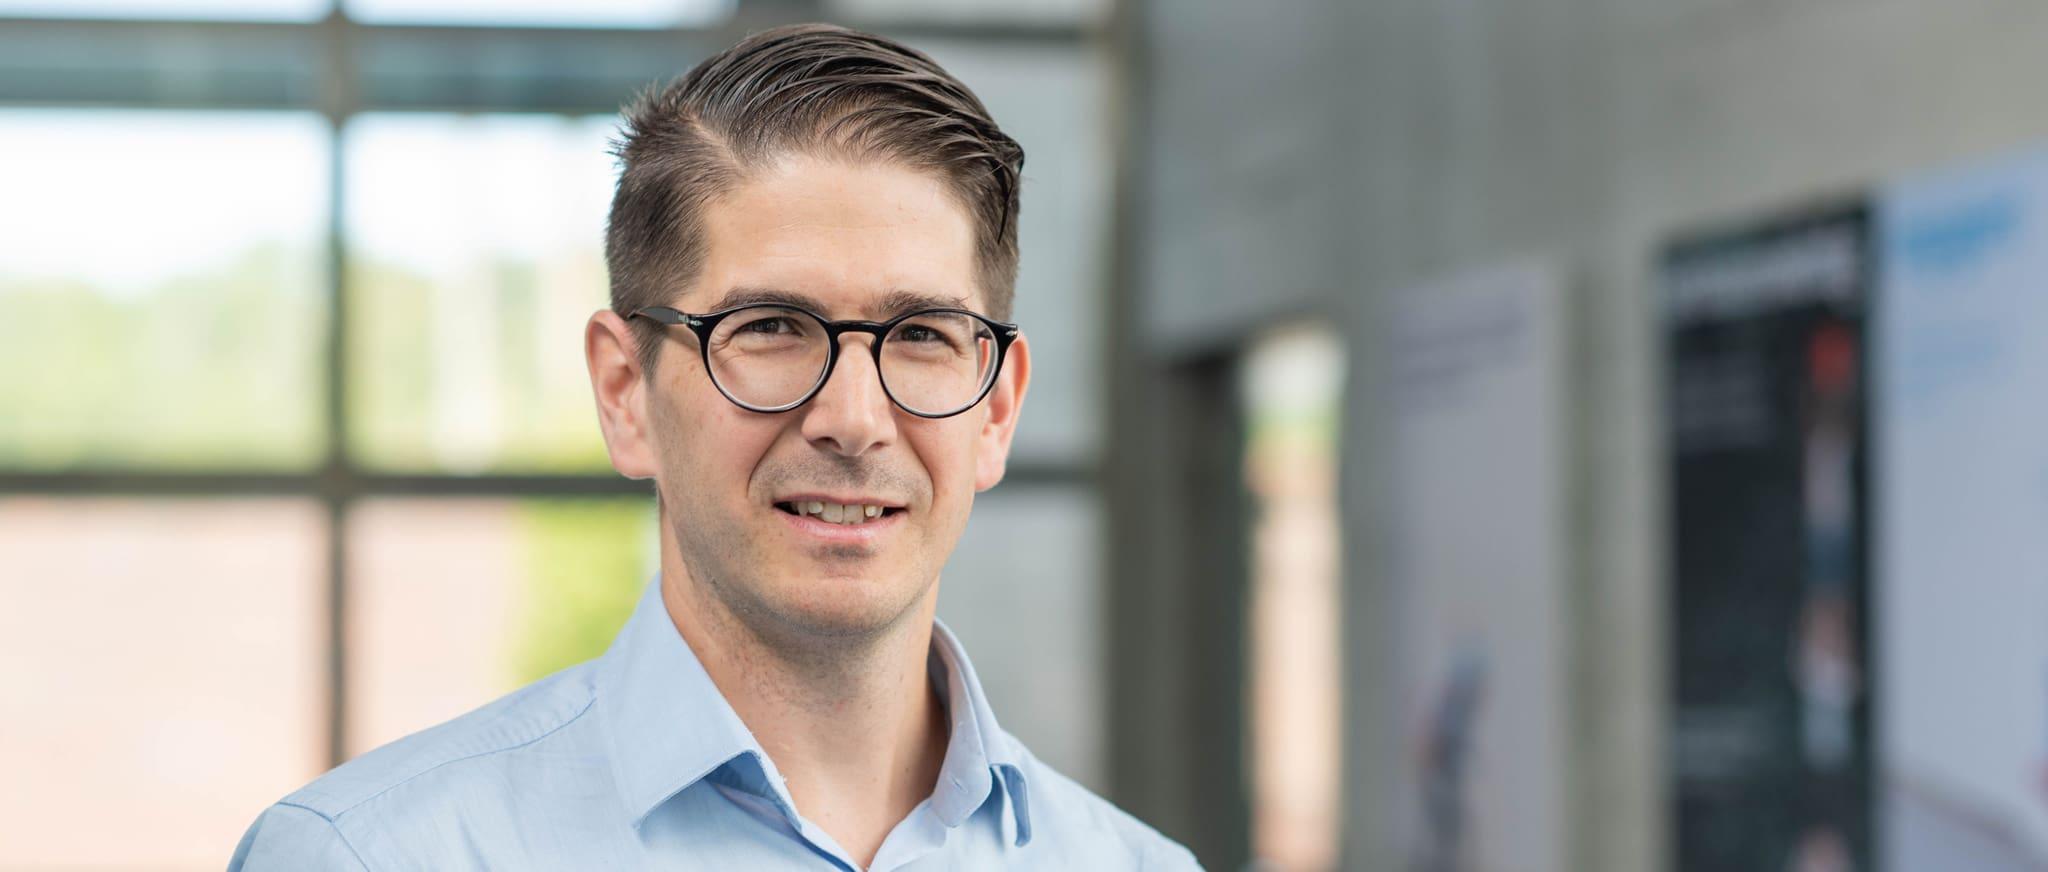 Michael Lieberherr, Swisscom